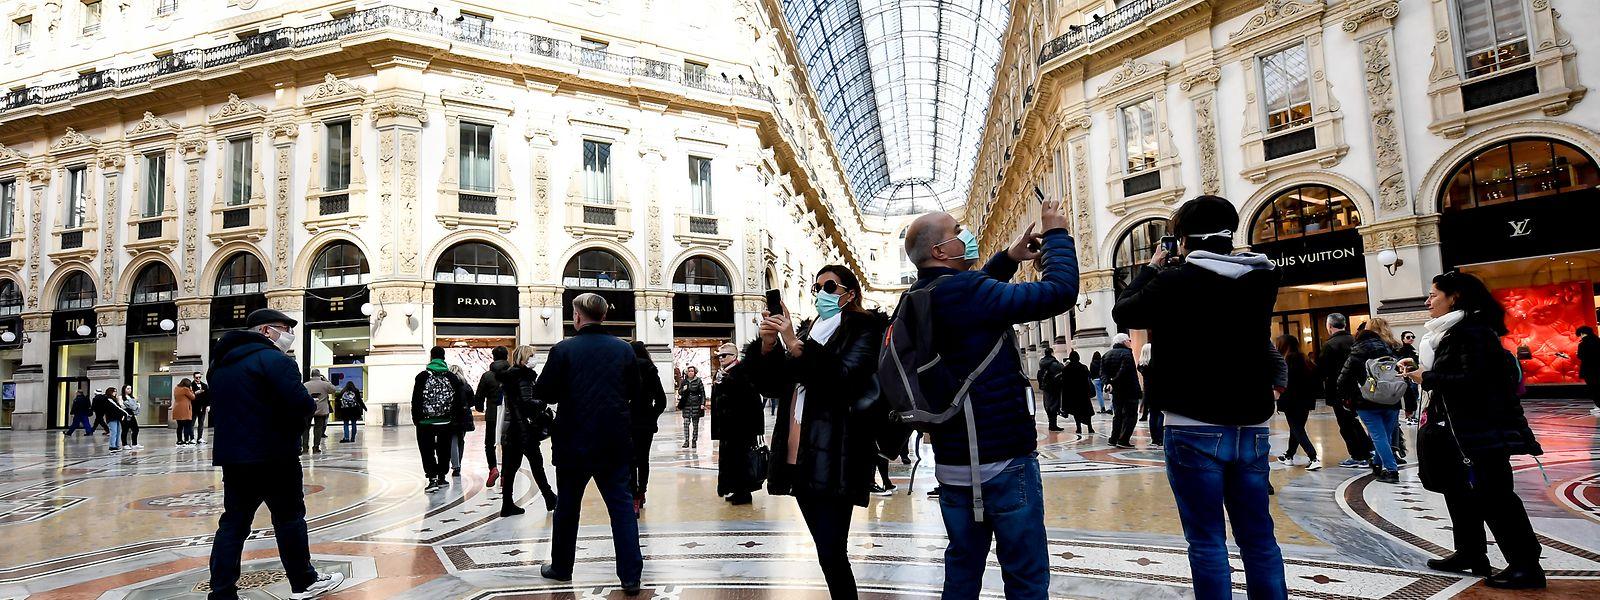 Mailand: Touristen tragen Mundschutz in der Galleria Vittorio Emanuele II.